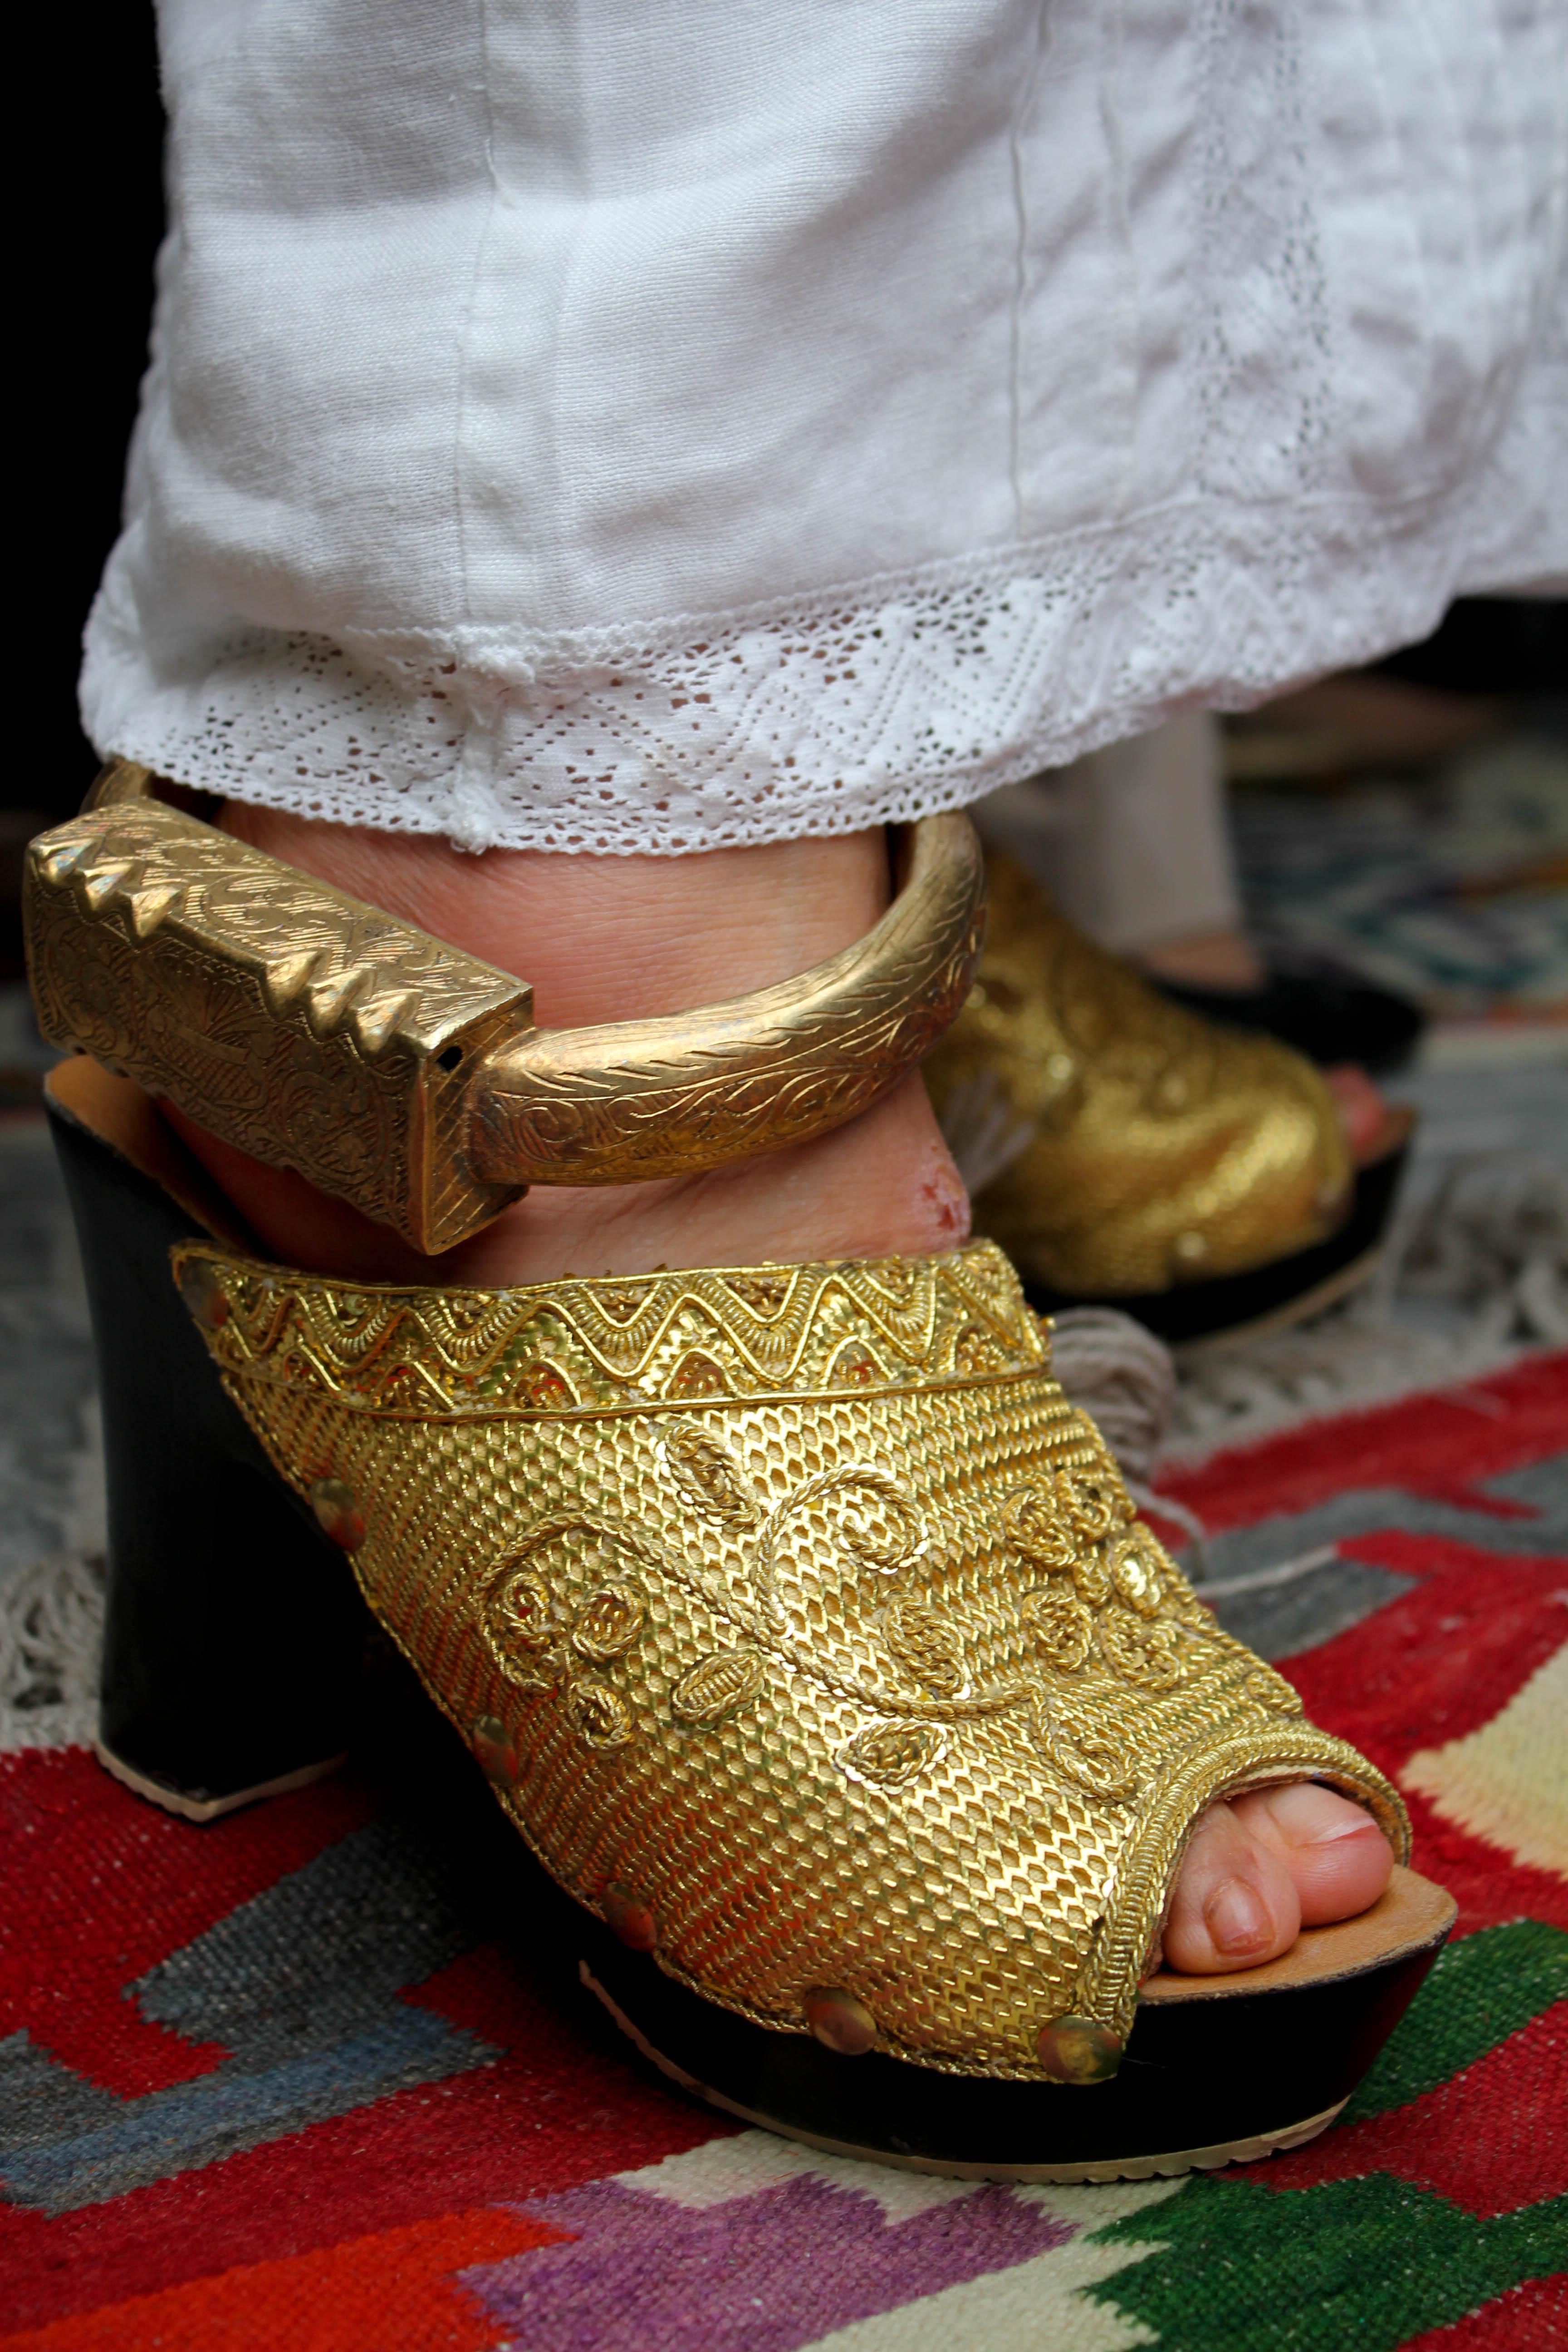 FileKholkhal bijoux traditionnel de la Tunisie